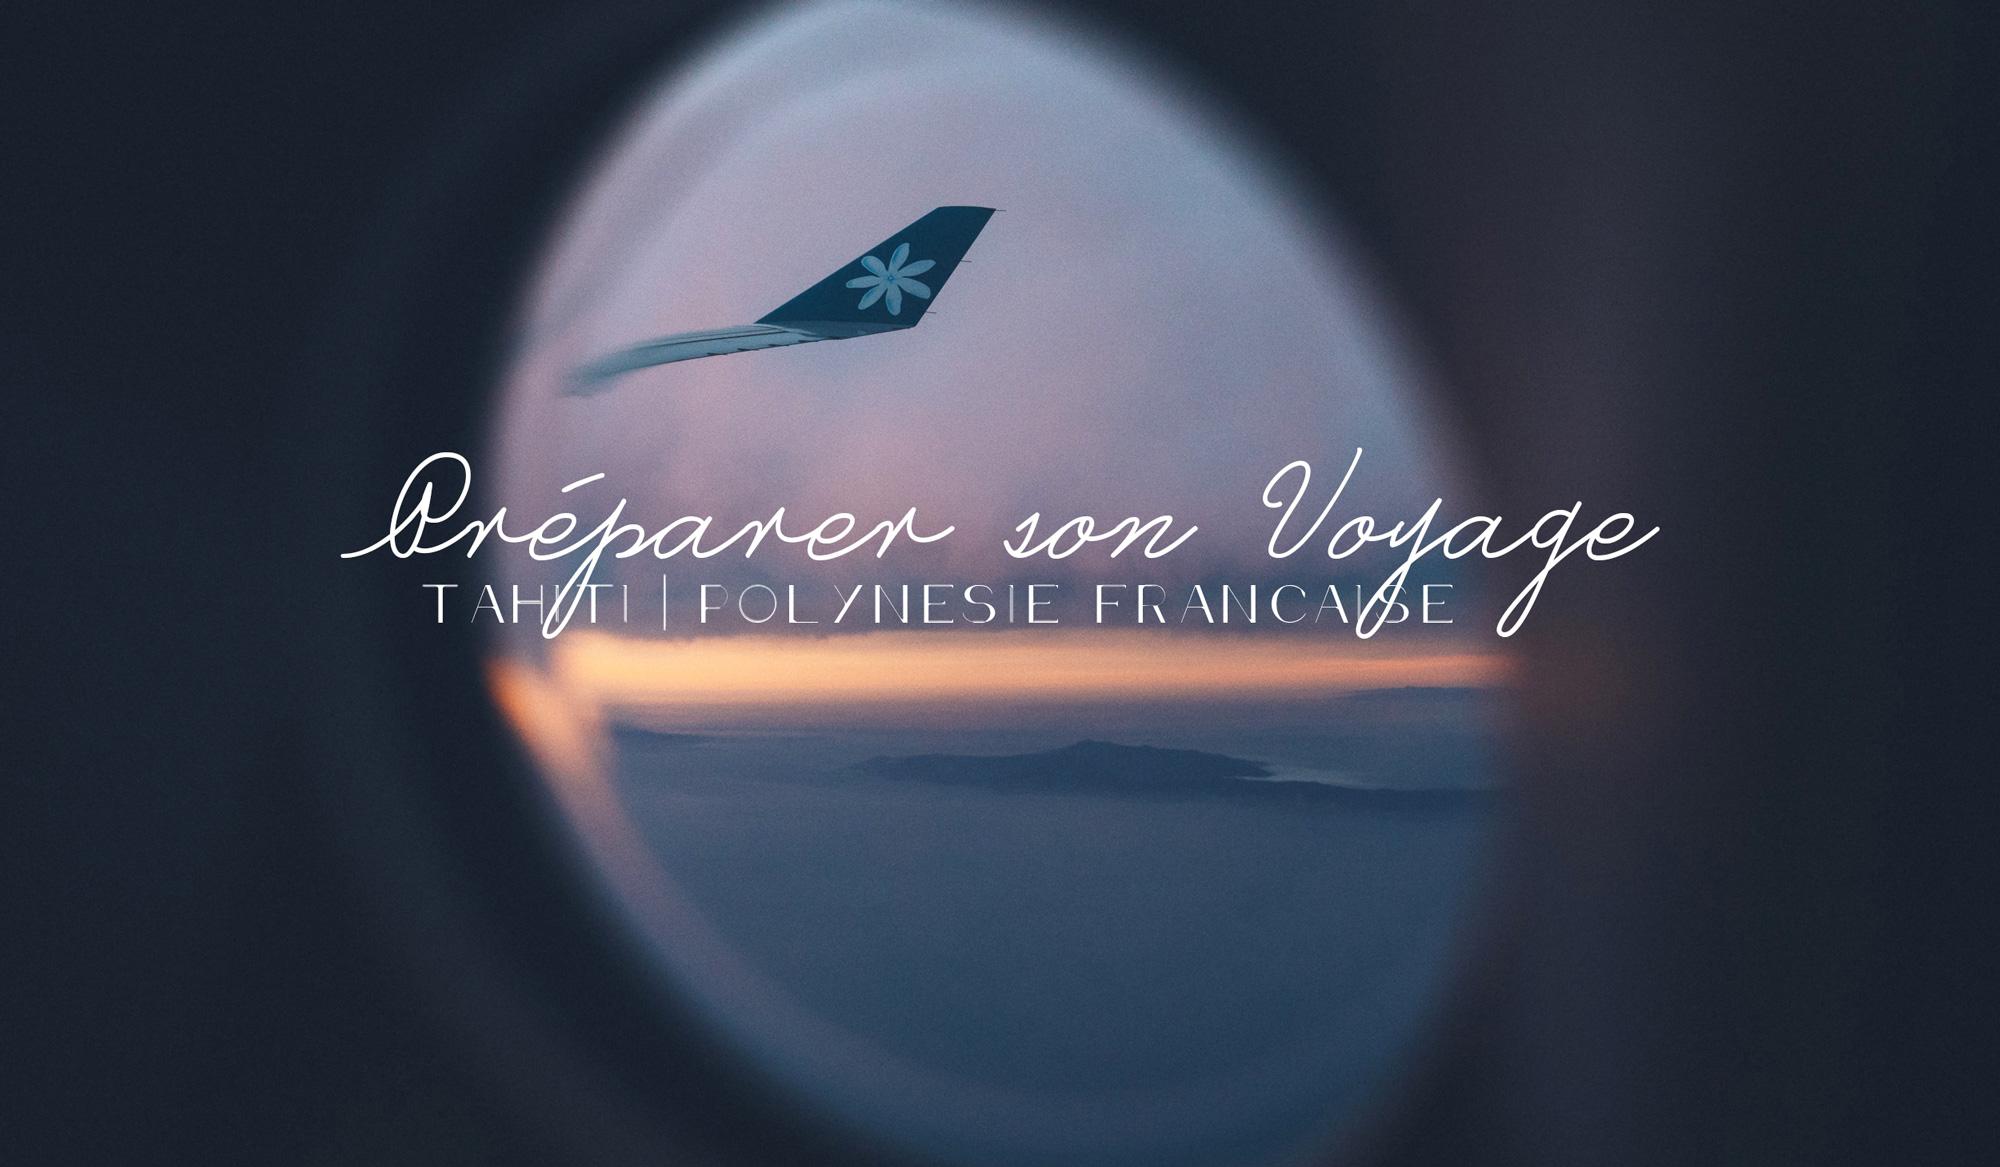 Préparer son voyage en Polynésie Française, nos conseils pratiques